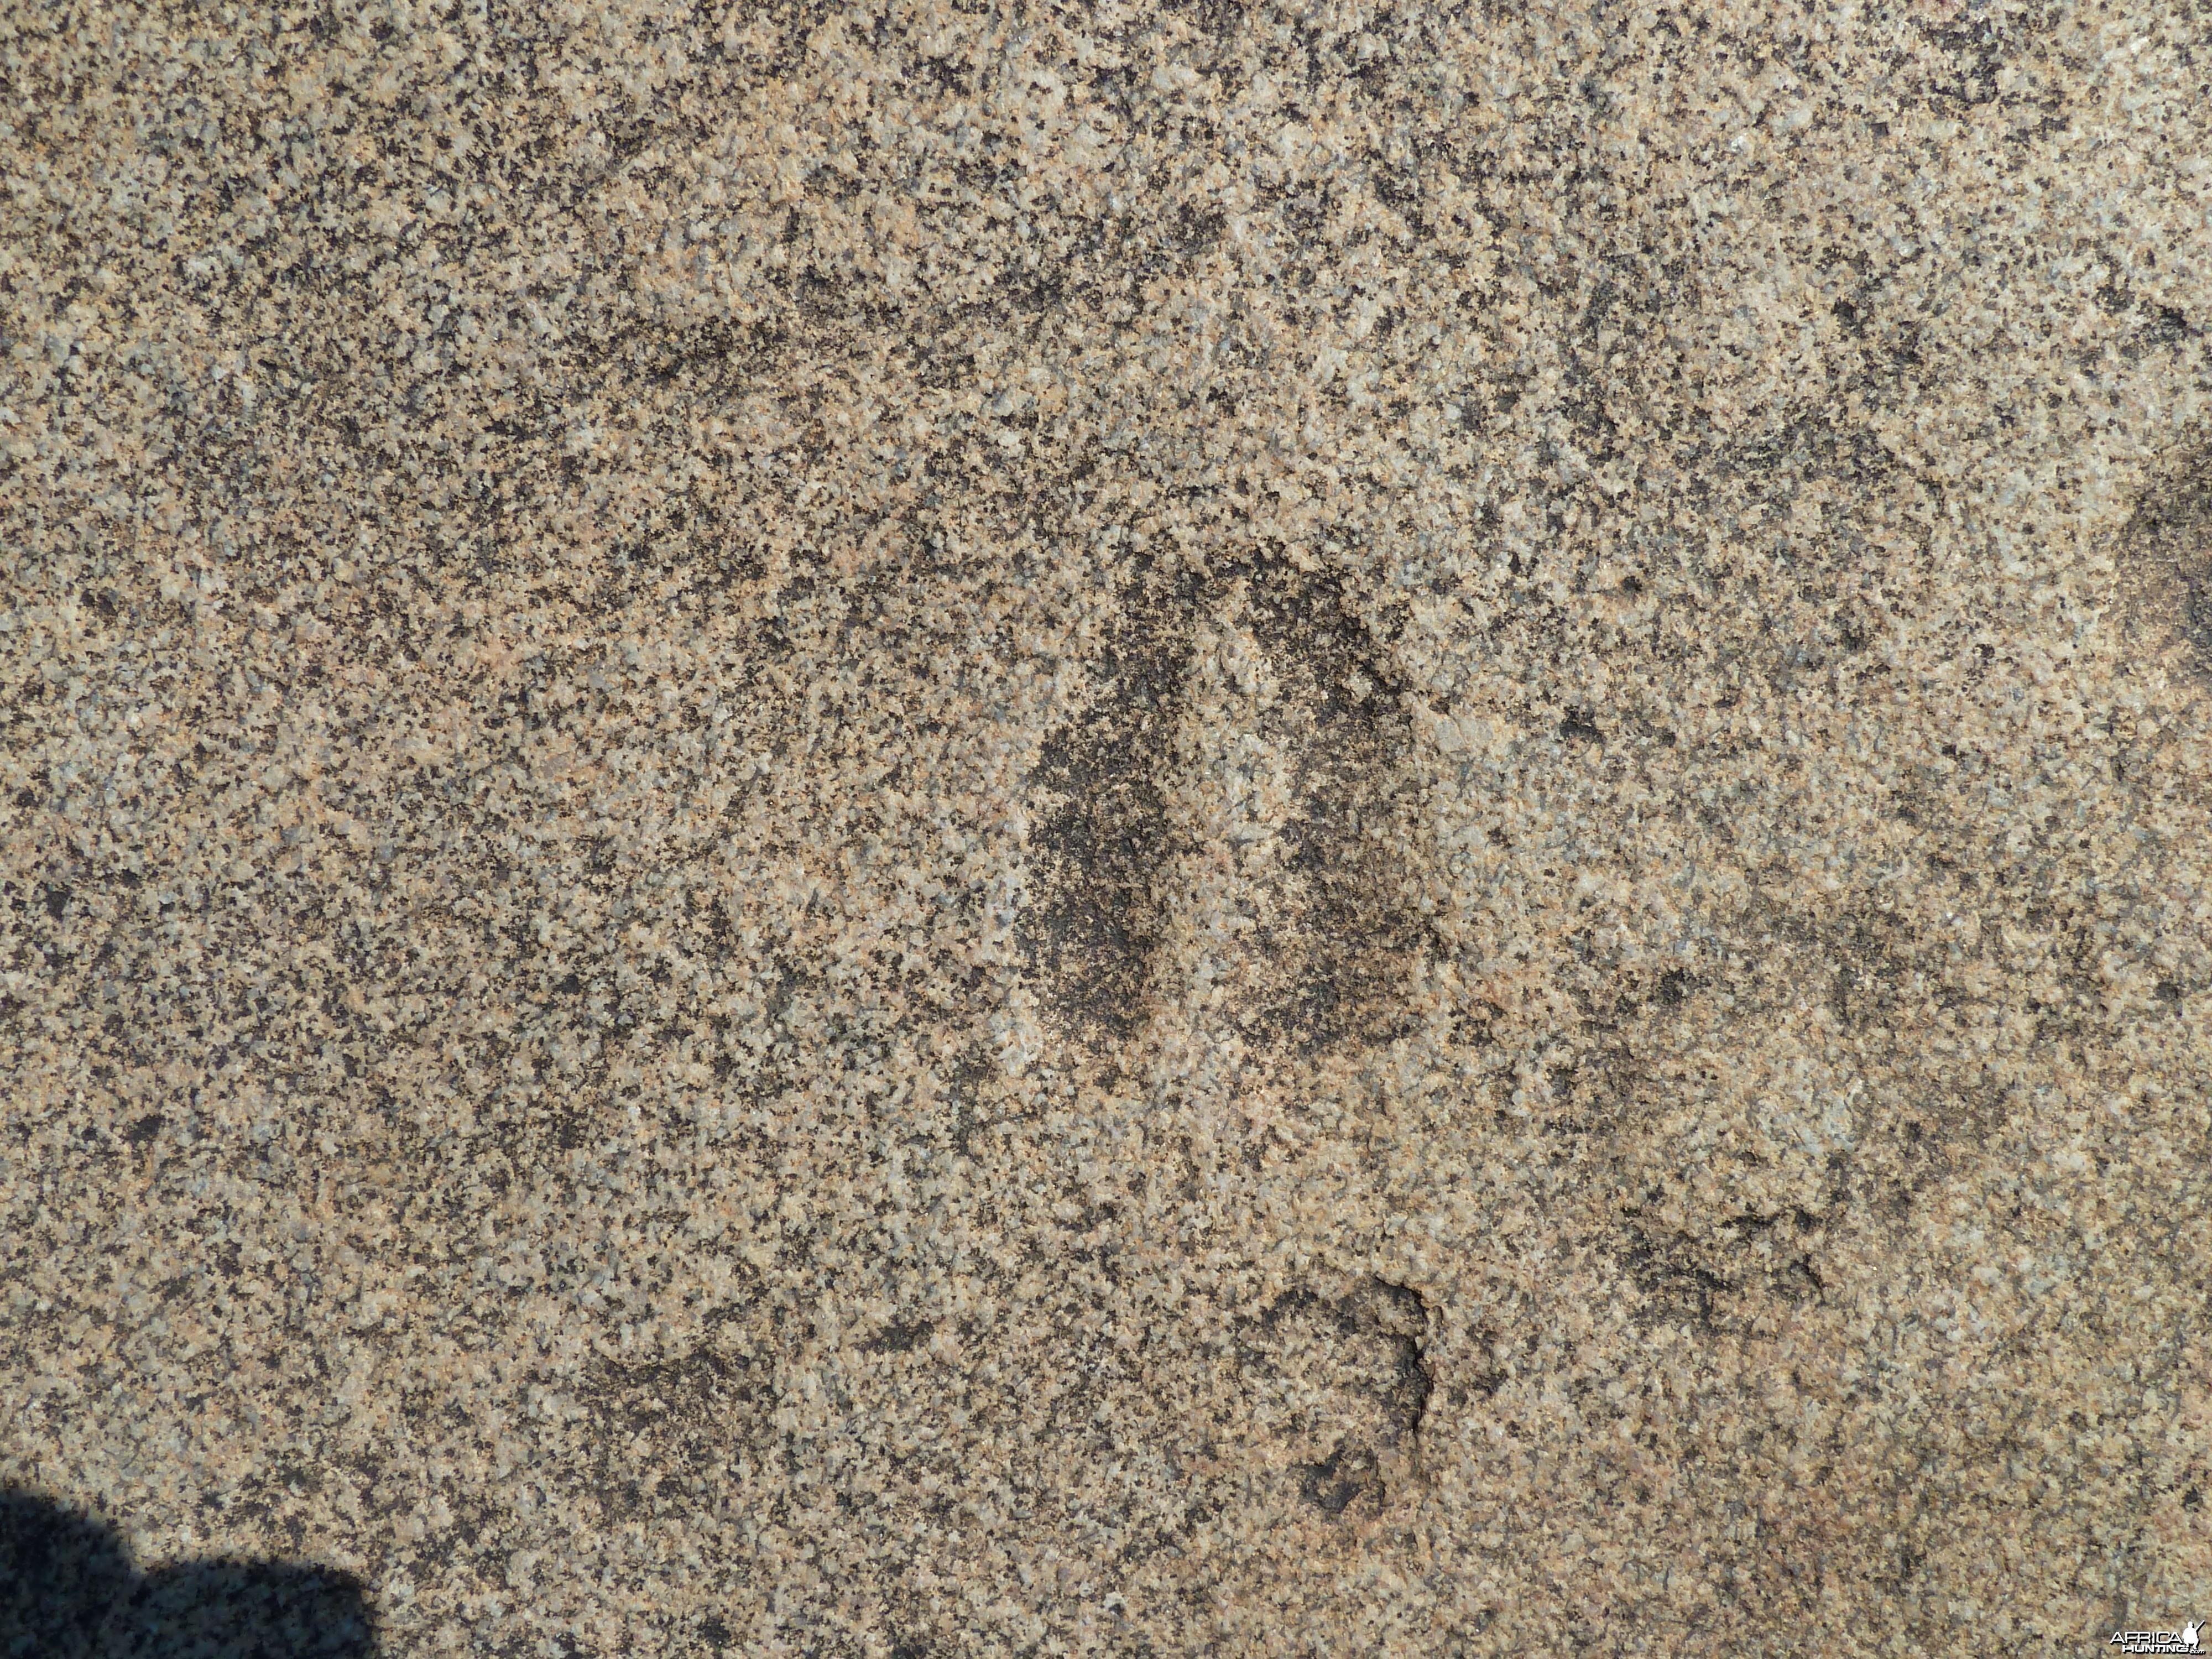 Animal tracks in the rock in Namibia